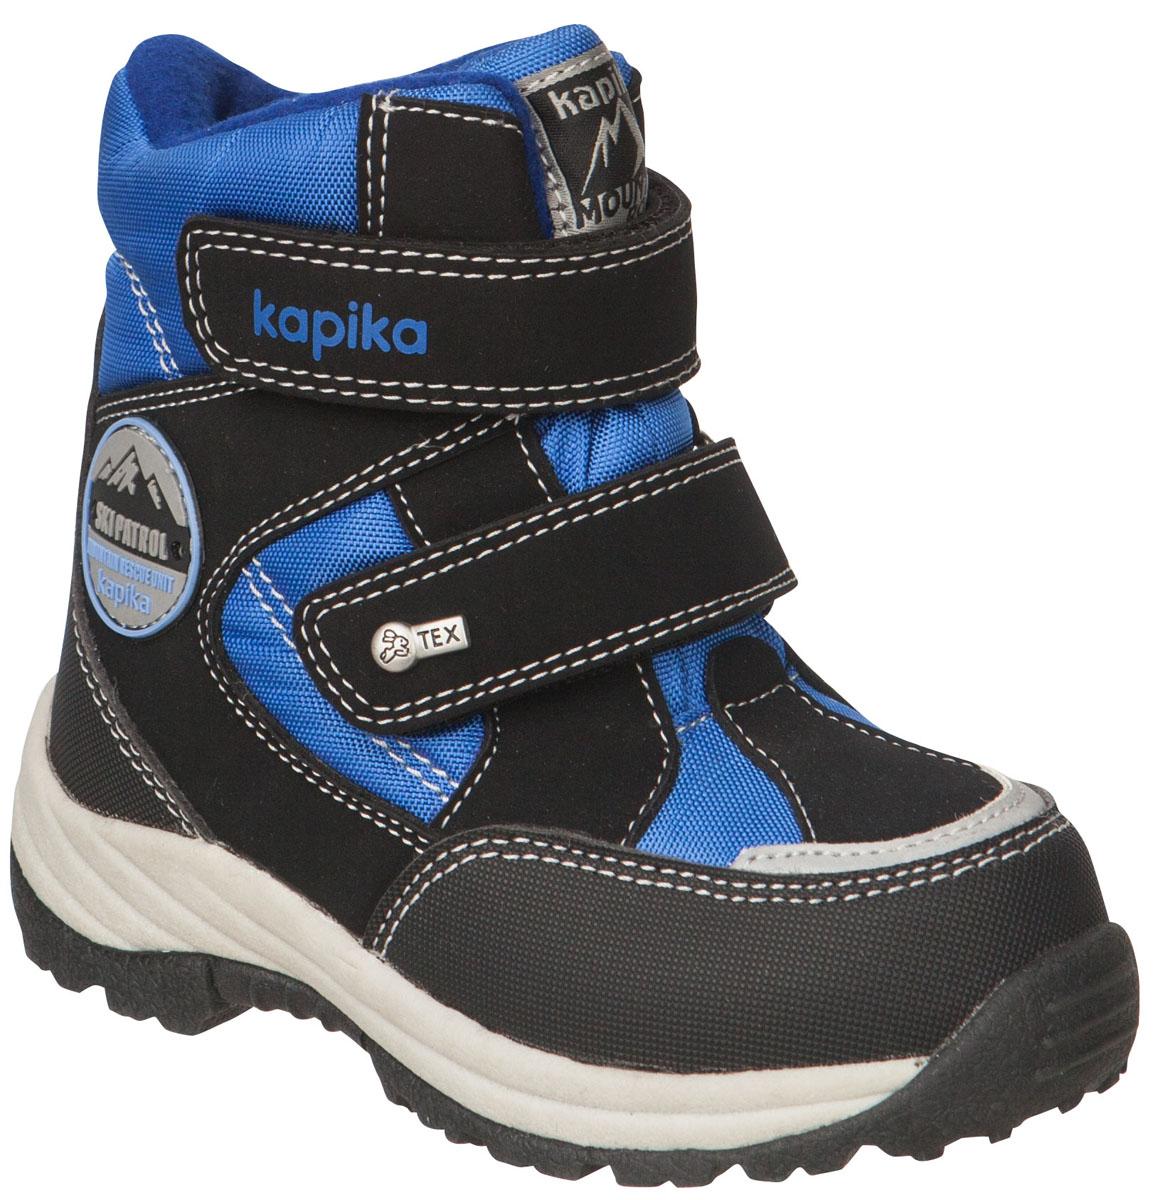 41150-3Легкие, удобные и теплые ботинки от Kapika выполнены из мембранных материалов и искусственной кожи. Два ремешка на застежках-липучках надежно фиксируют изделие на ноге. Мягкая подкладка и стелька из шерсти обеспечивают тепло, циркуляцию воздуха и сохраняют комфортный микроклимат в обуви. Подошва с протектором гарантирует идеальное сцепление с любыми поверхностями. Идеальная зимняя обувь для активных детей и подростков. Модель большемерит на 1 размер.